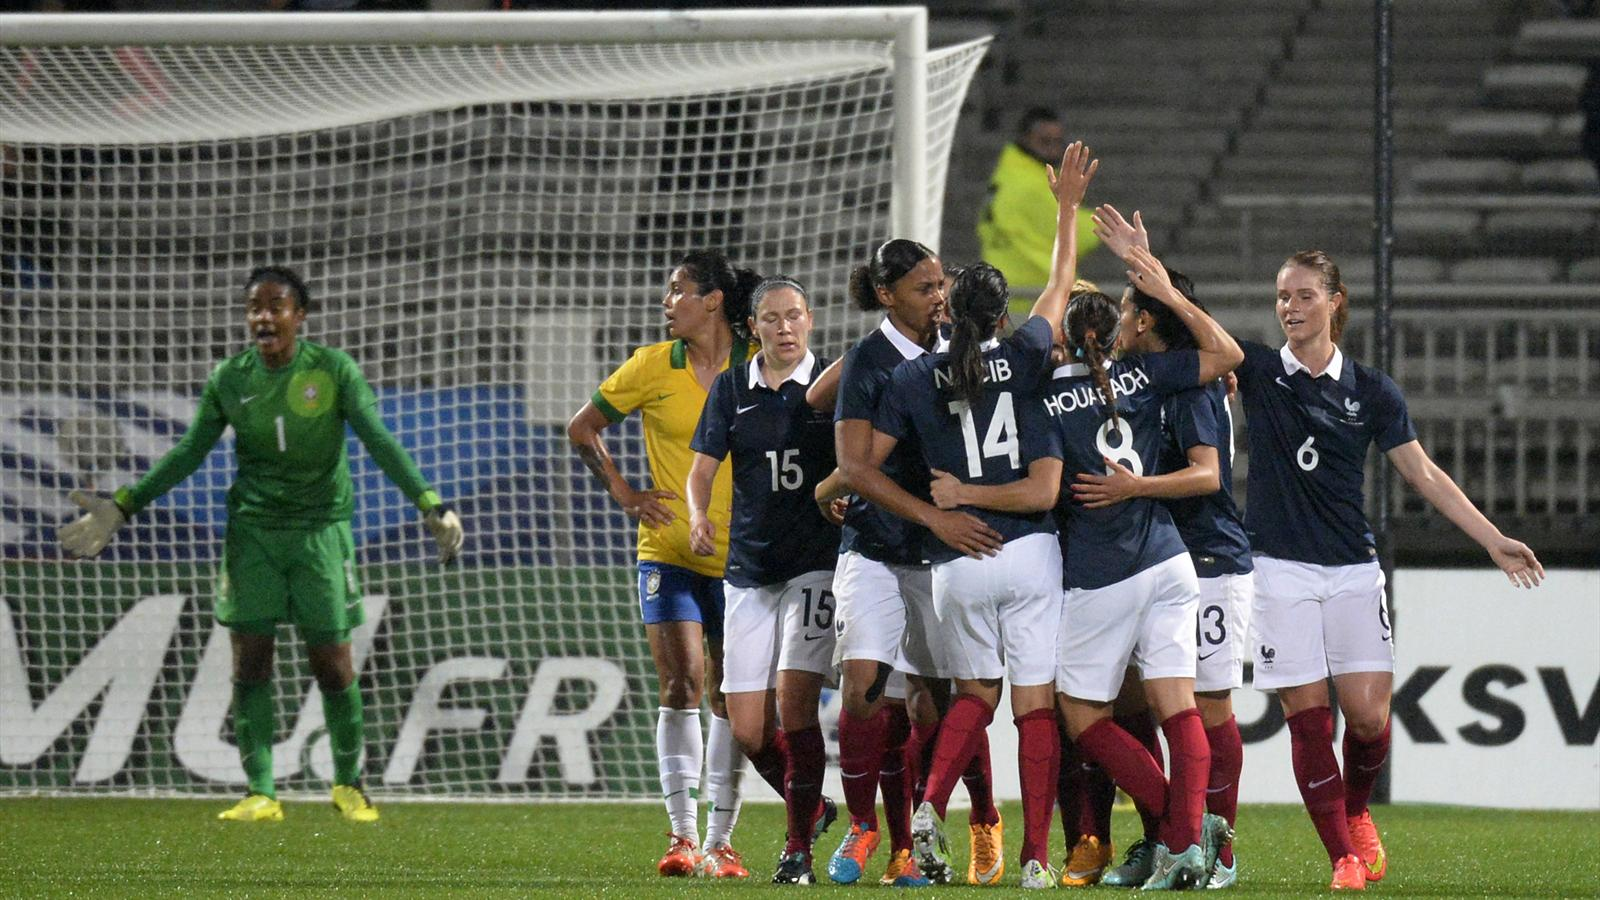 Coupe du monde f minine 2015 ossature ol psg pour les bleues au canada coupe du monde - Coupe du monde de football 2015 ...